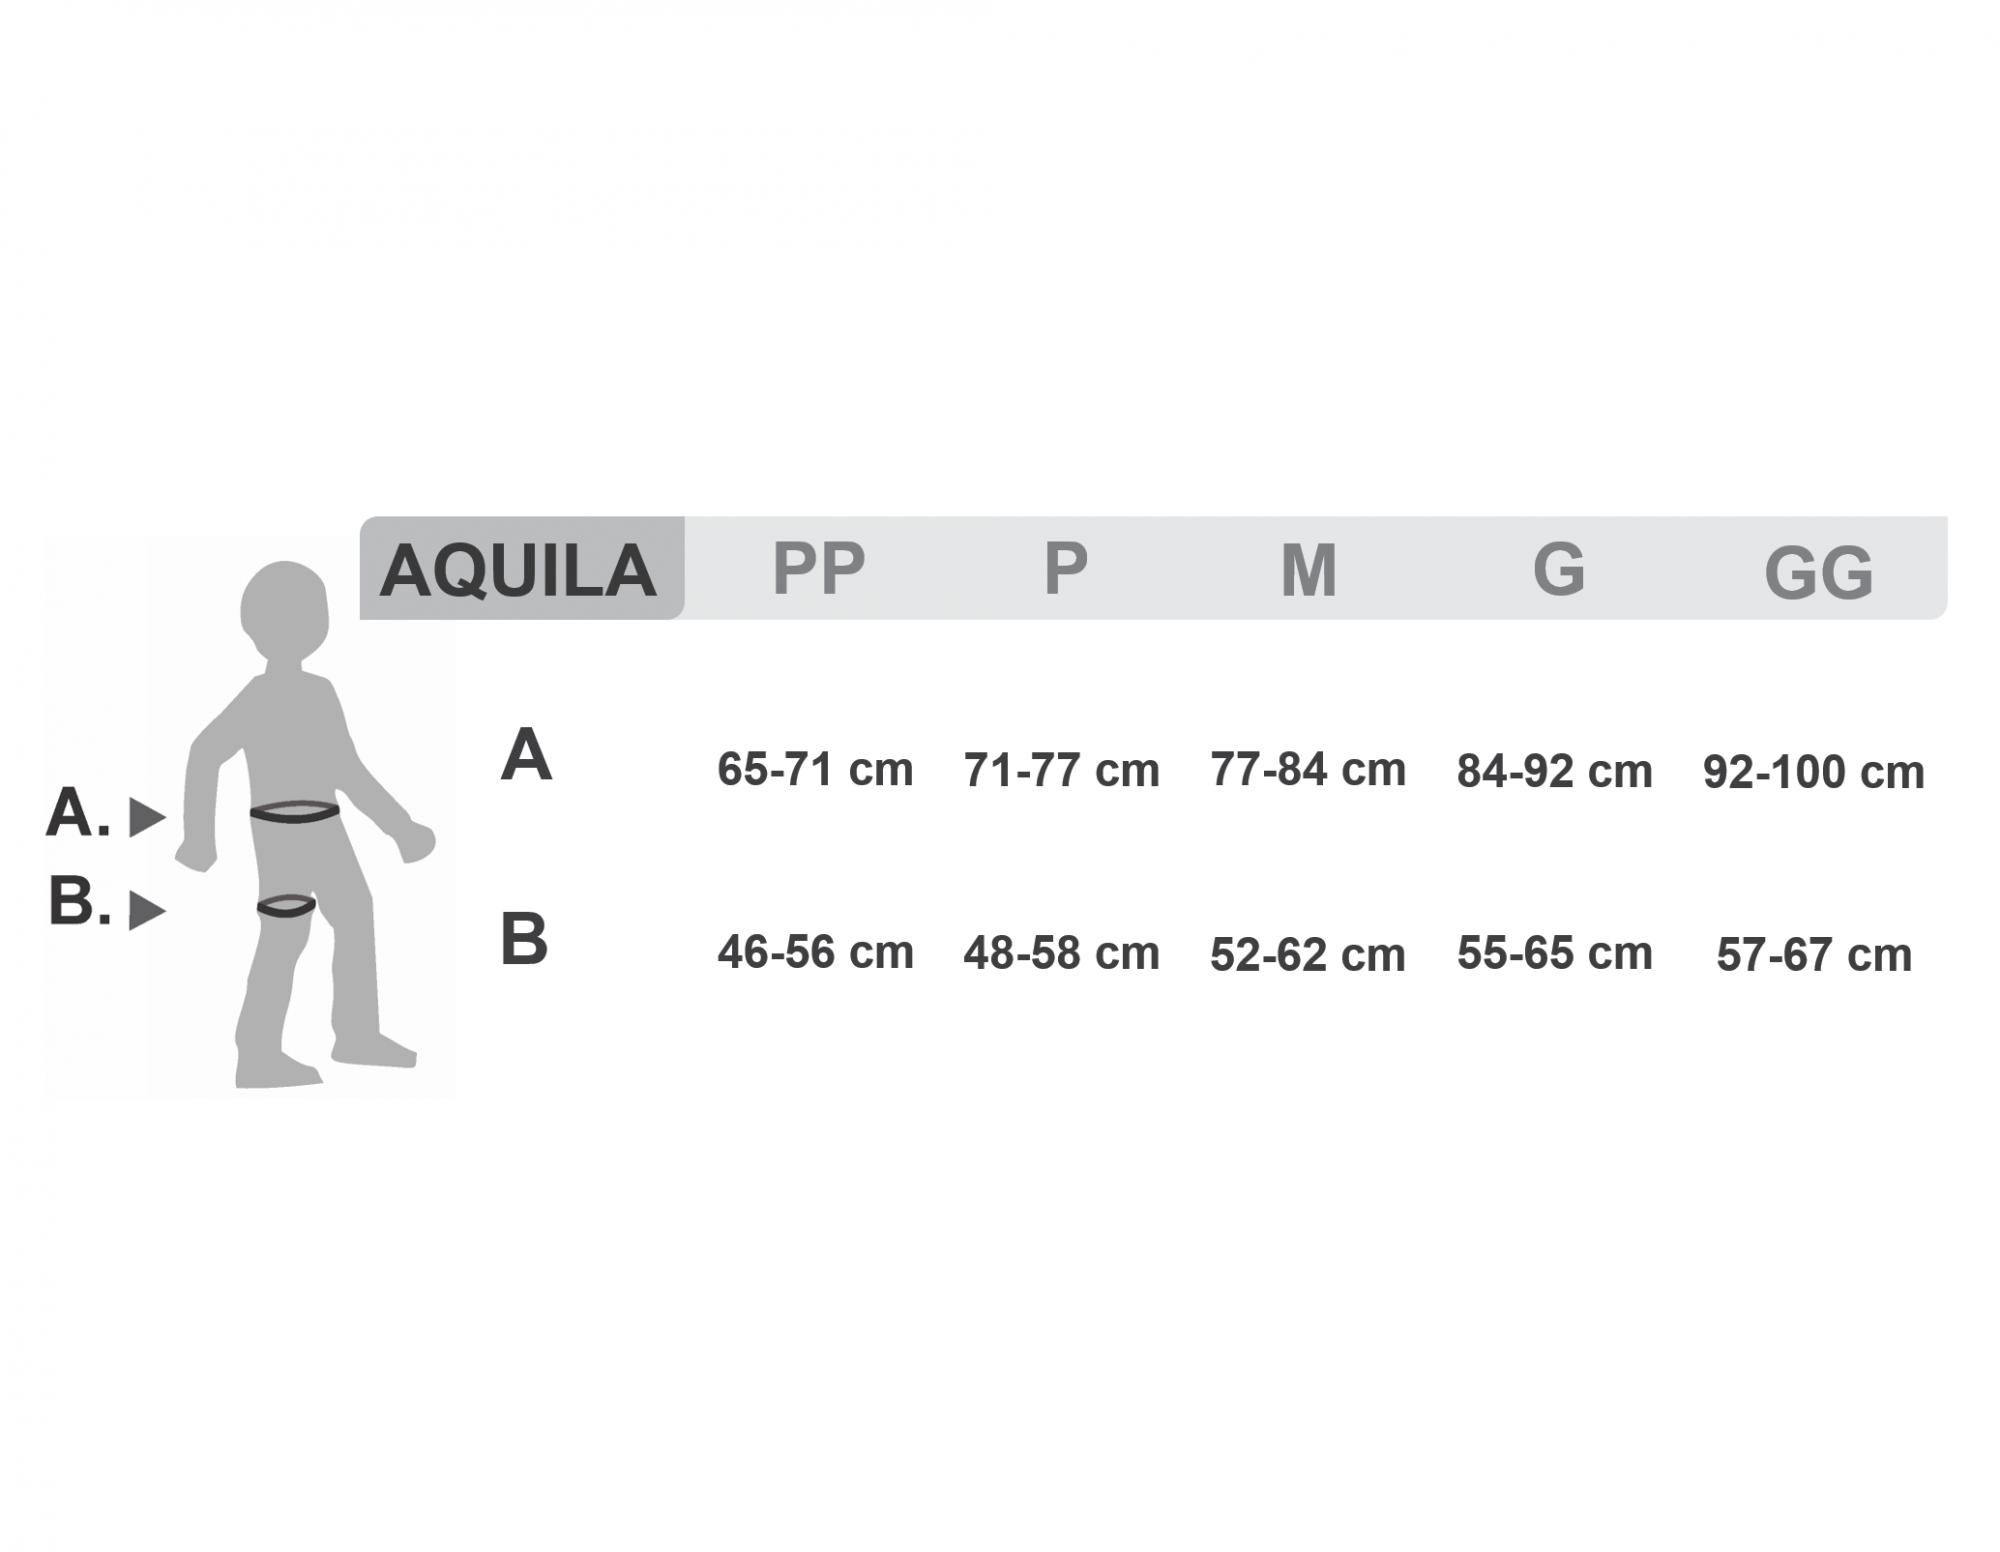 Aquila - Cadeirinha confortável para escalada Petzl